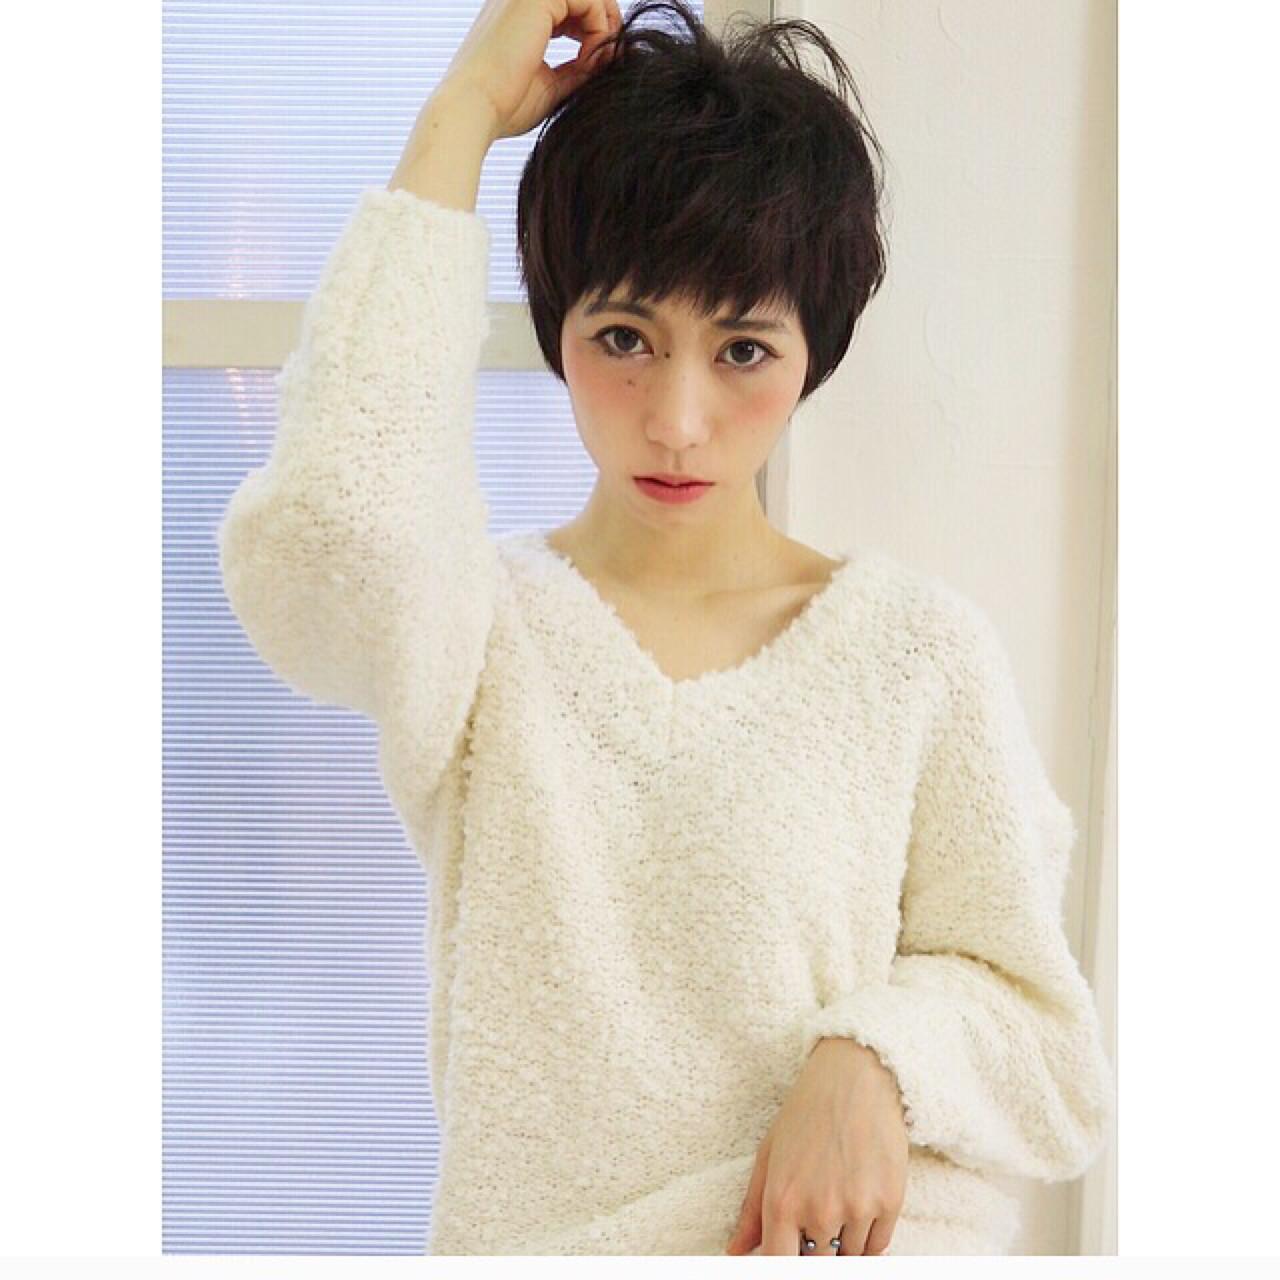 フェミニン ショートバング 小顔 ベリーショート ヘアスタイルや髪型の写真・画像